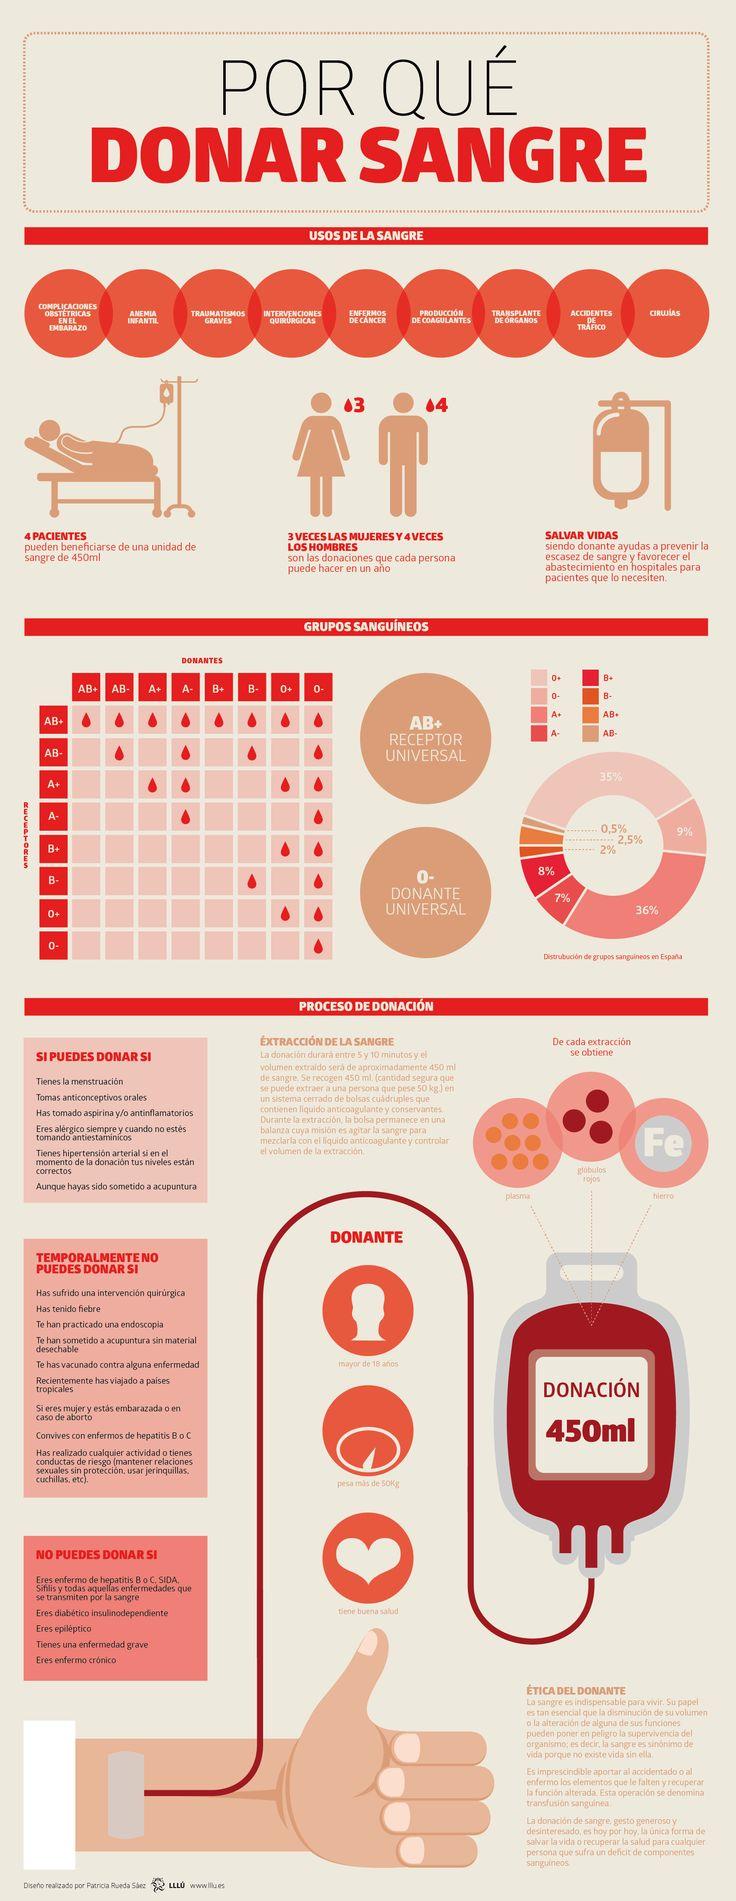 ¿Por qué #donar #sangre? Una #infografia sobre la #donacion de sangre para concienciar acerca de la necesidad de donantes y de abastecimiento para los hospitales. Toda la información de una manera accesible, cercana y clara.